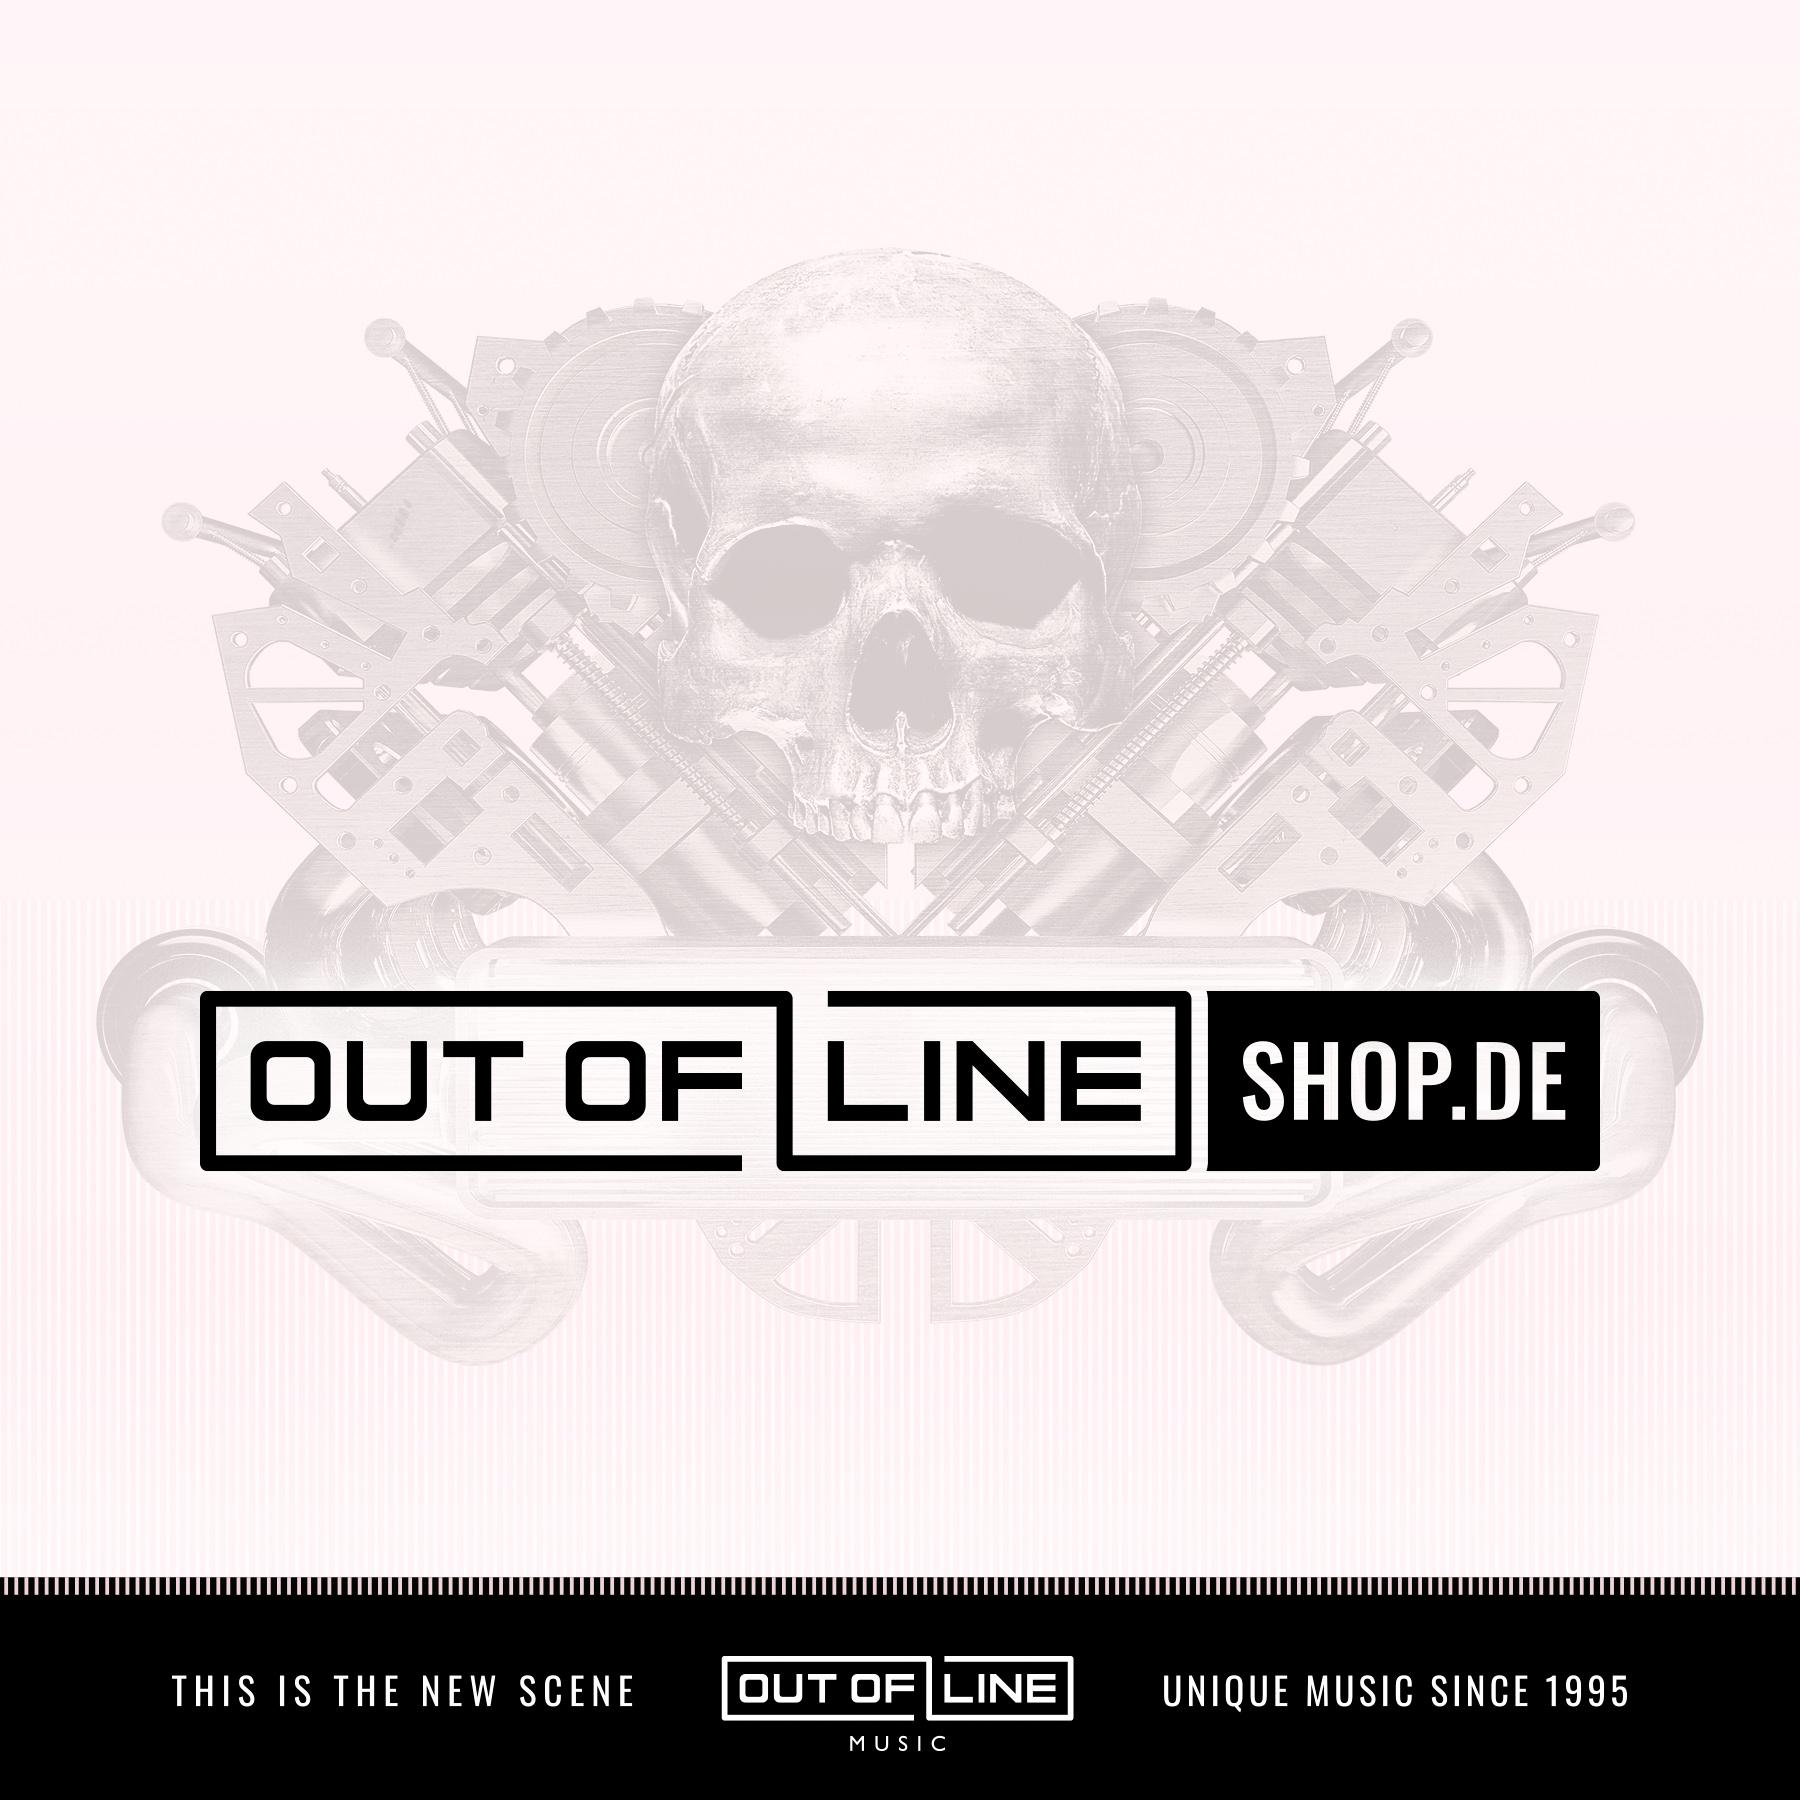 Kirlian Camera - The 8th President - CD EP